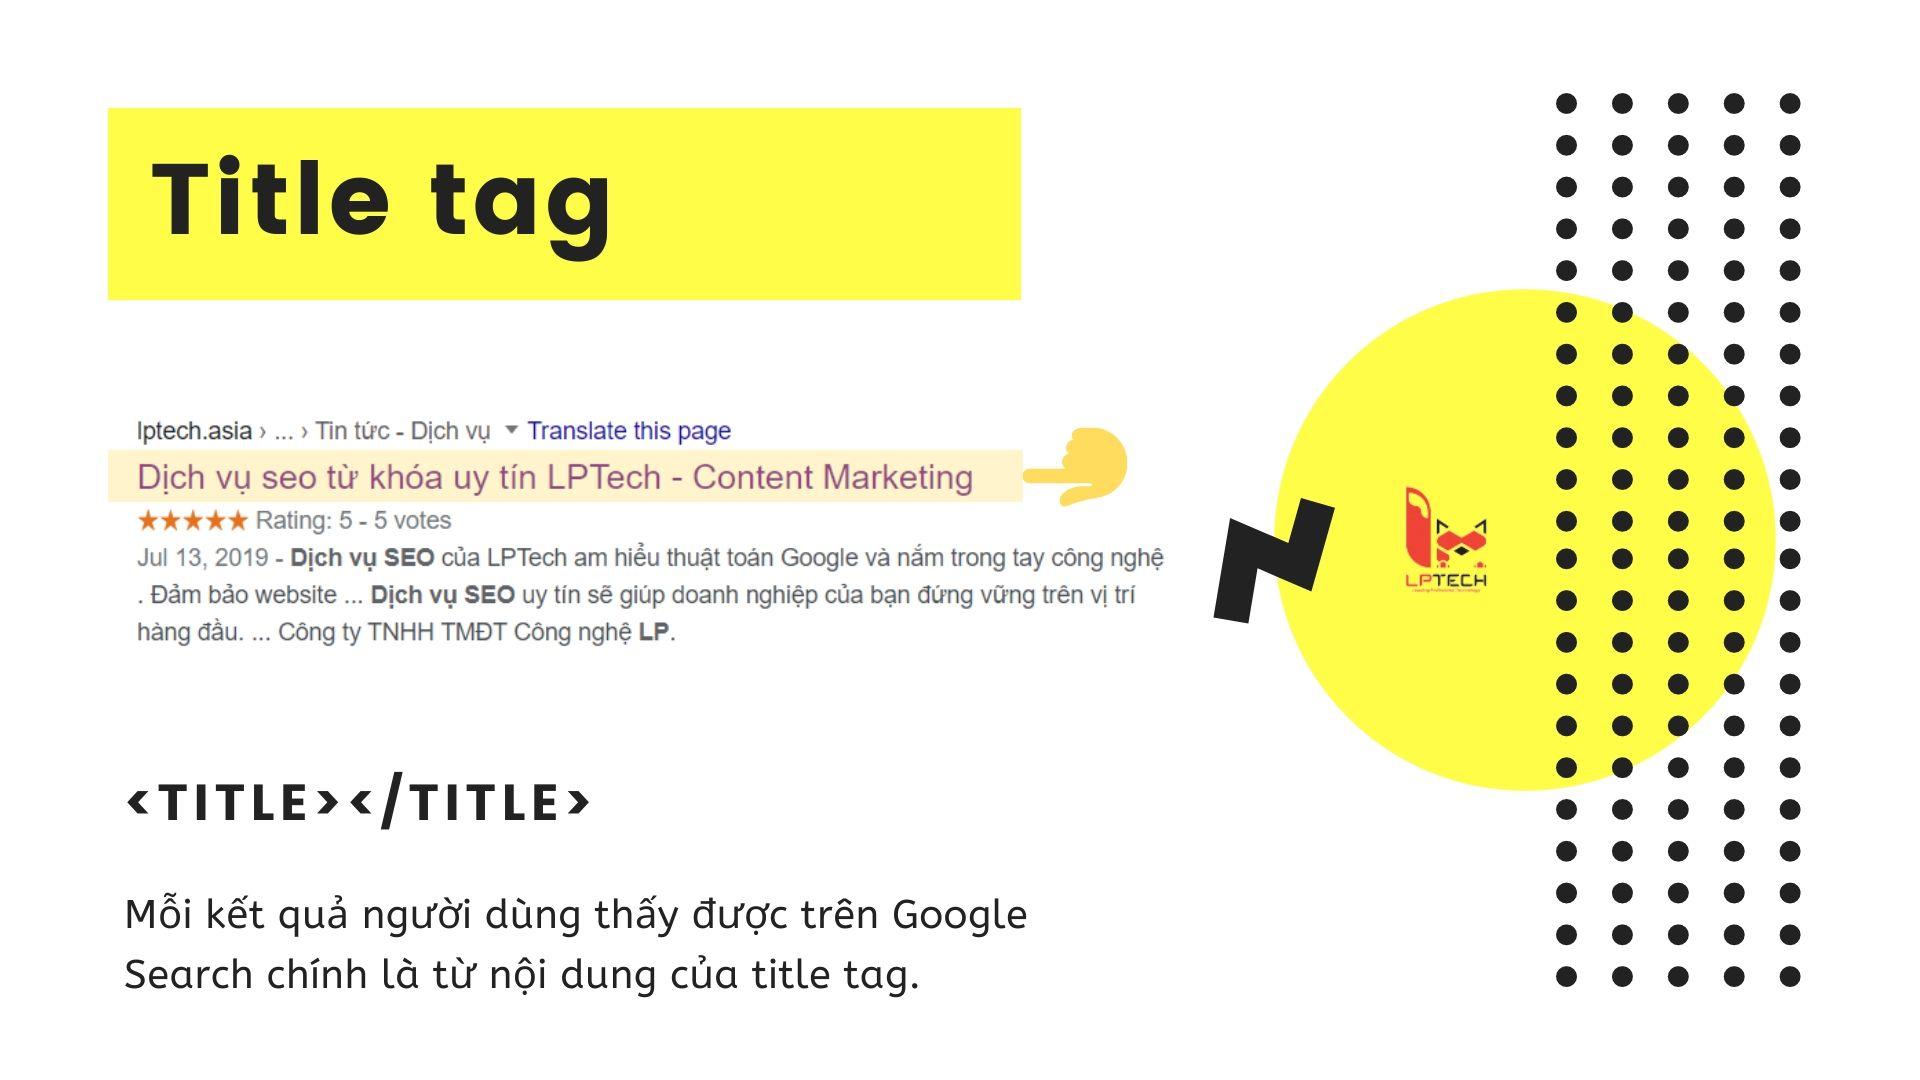 Cách sử dụng title tag